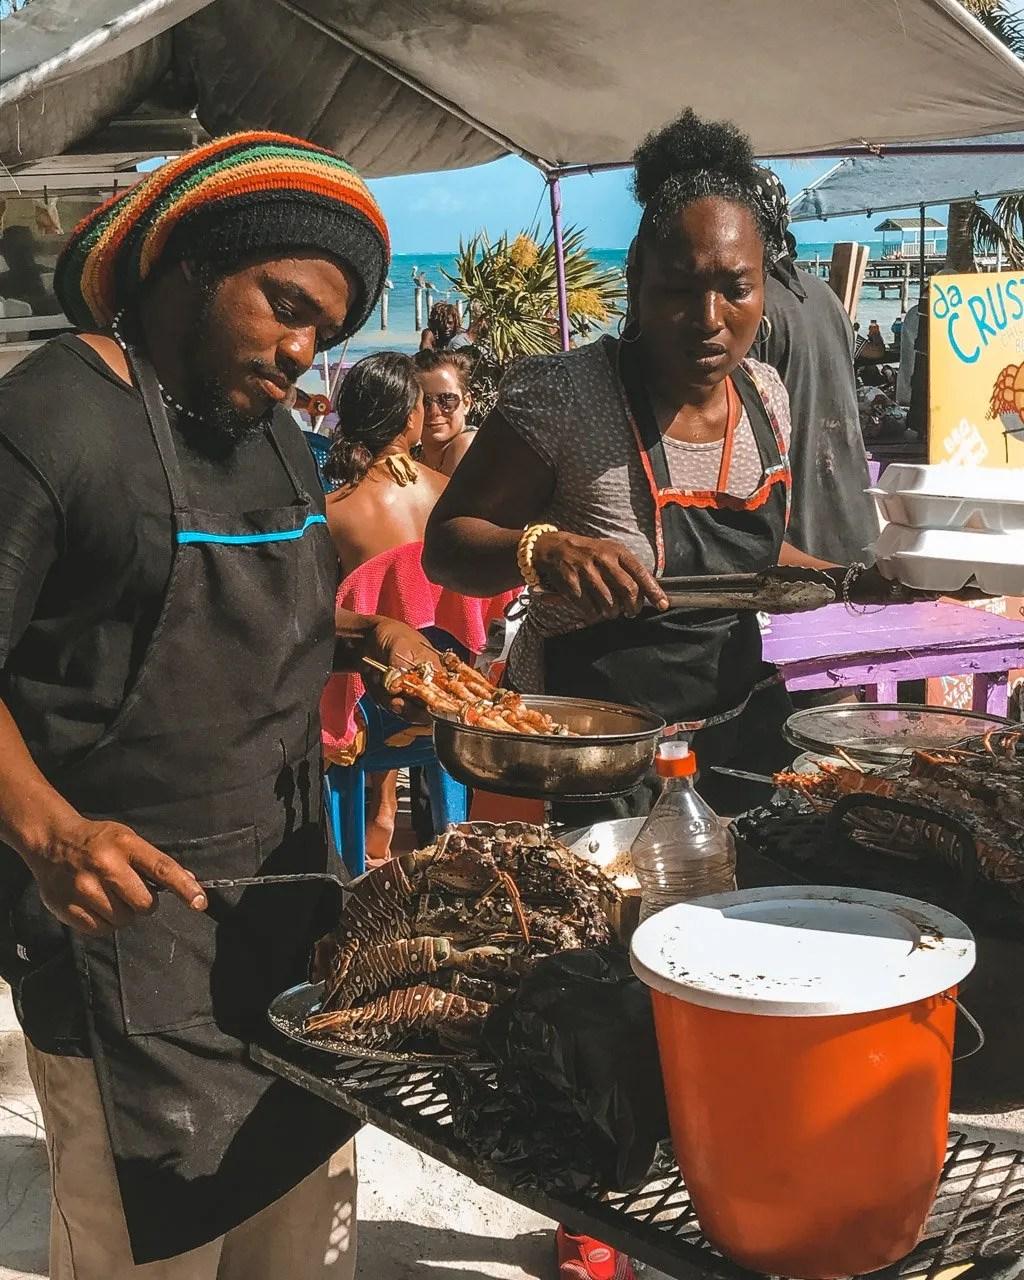 Caye Caulker, Belize, Cayo Caulker, Lobster, Central America travel